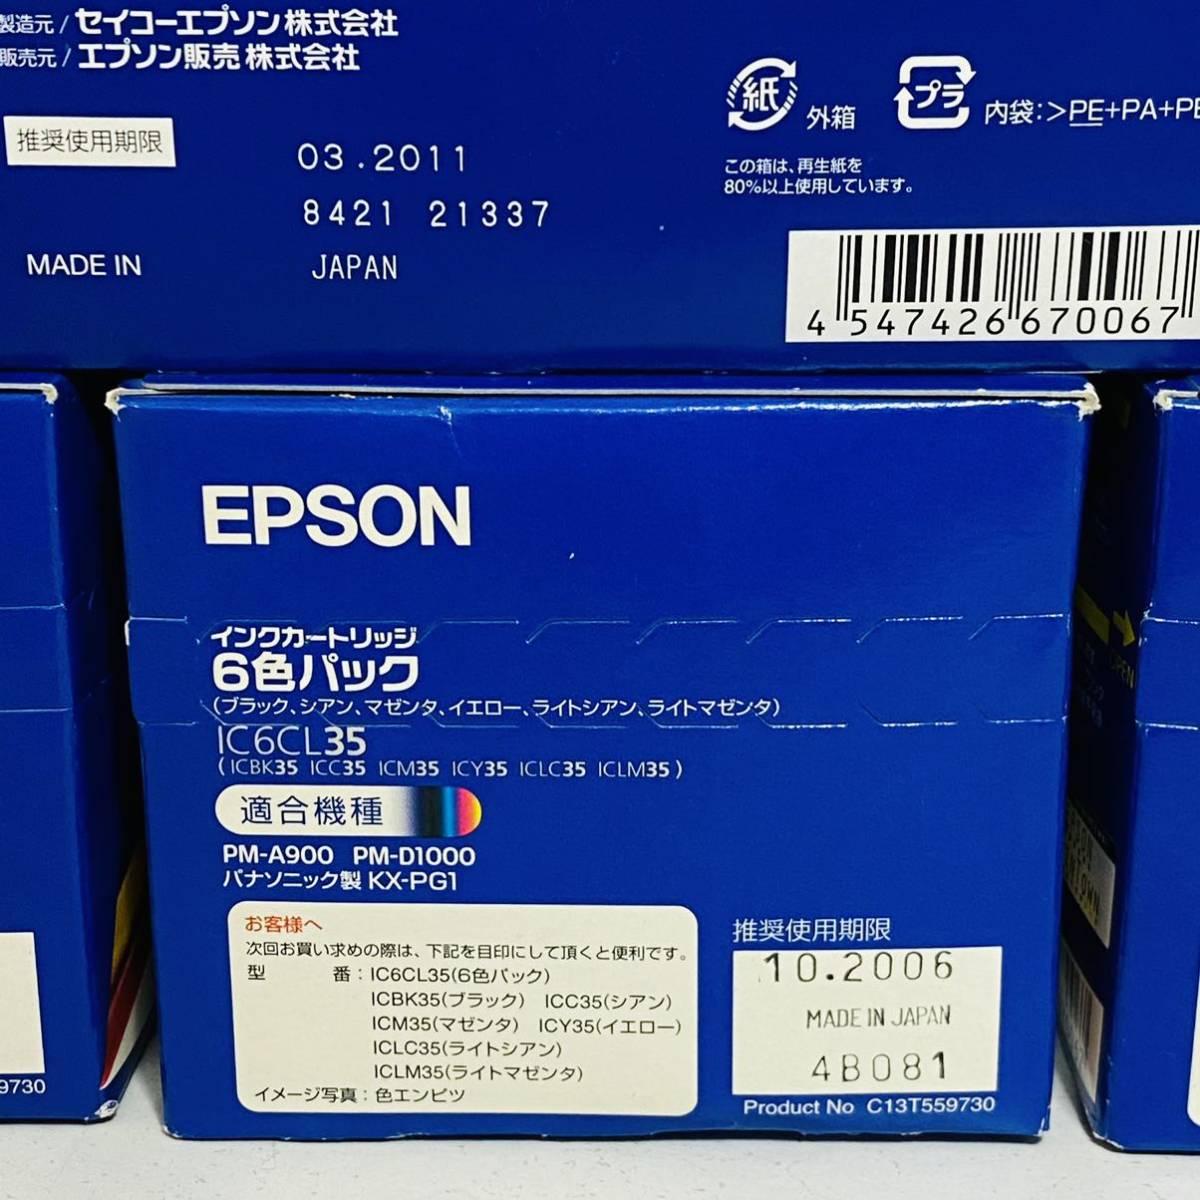 【未開封品】EPSON エプソン 純正インクカートリッジ IC6CL35 6色パック 計6個セット 期限切れ_画像4